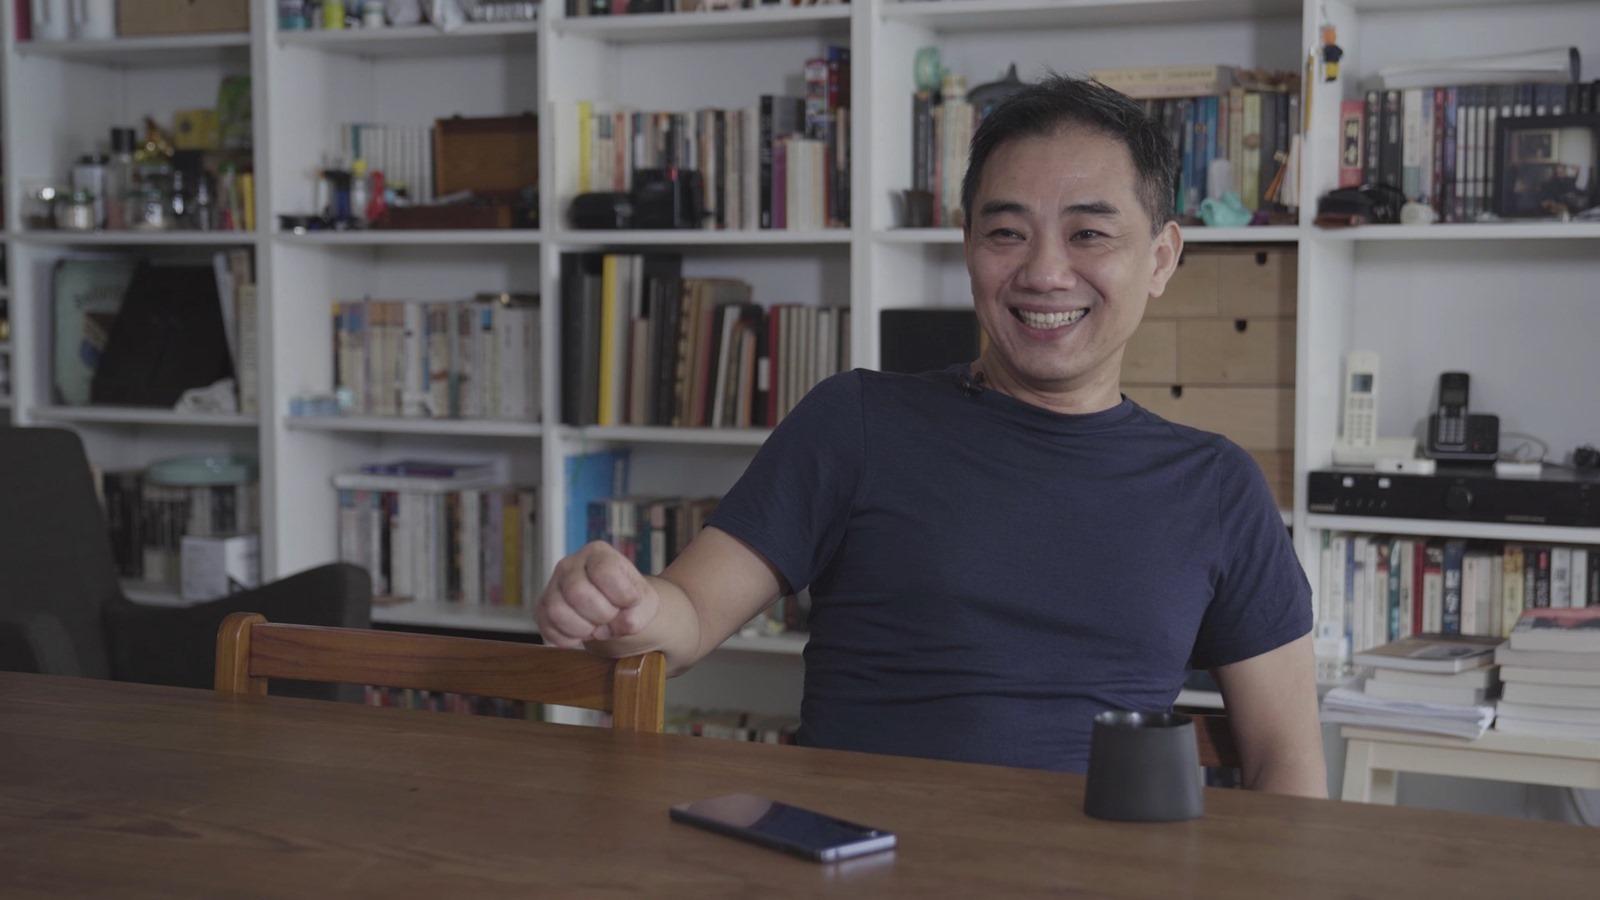 電影起手無回 但 Xperia 1 II 讓導演蕭雅全盡情「賴皮」盡情創作 @3C 達人廖阿輝